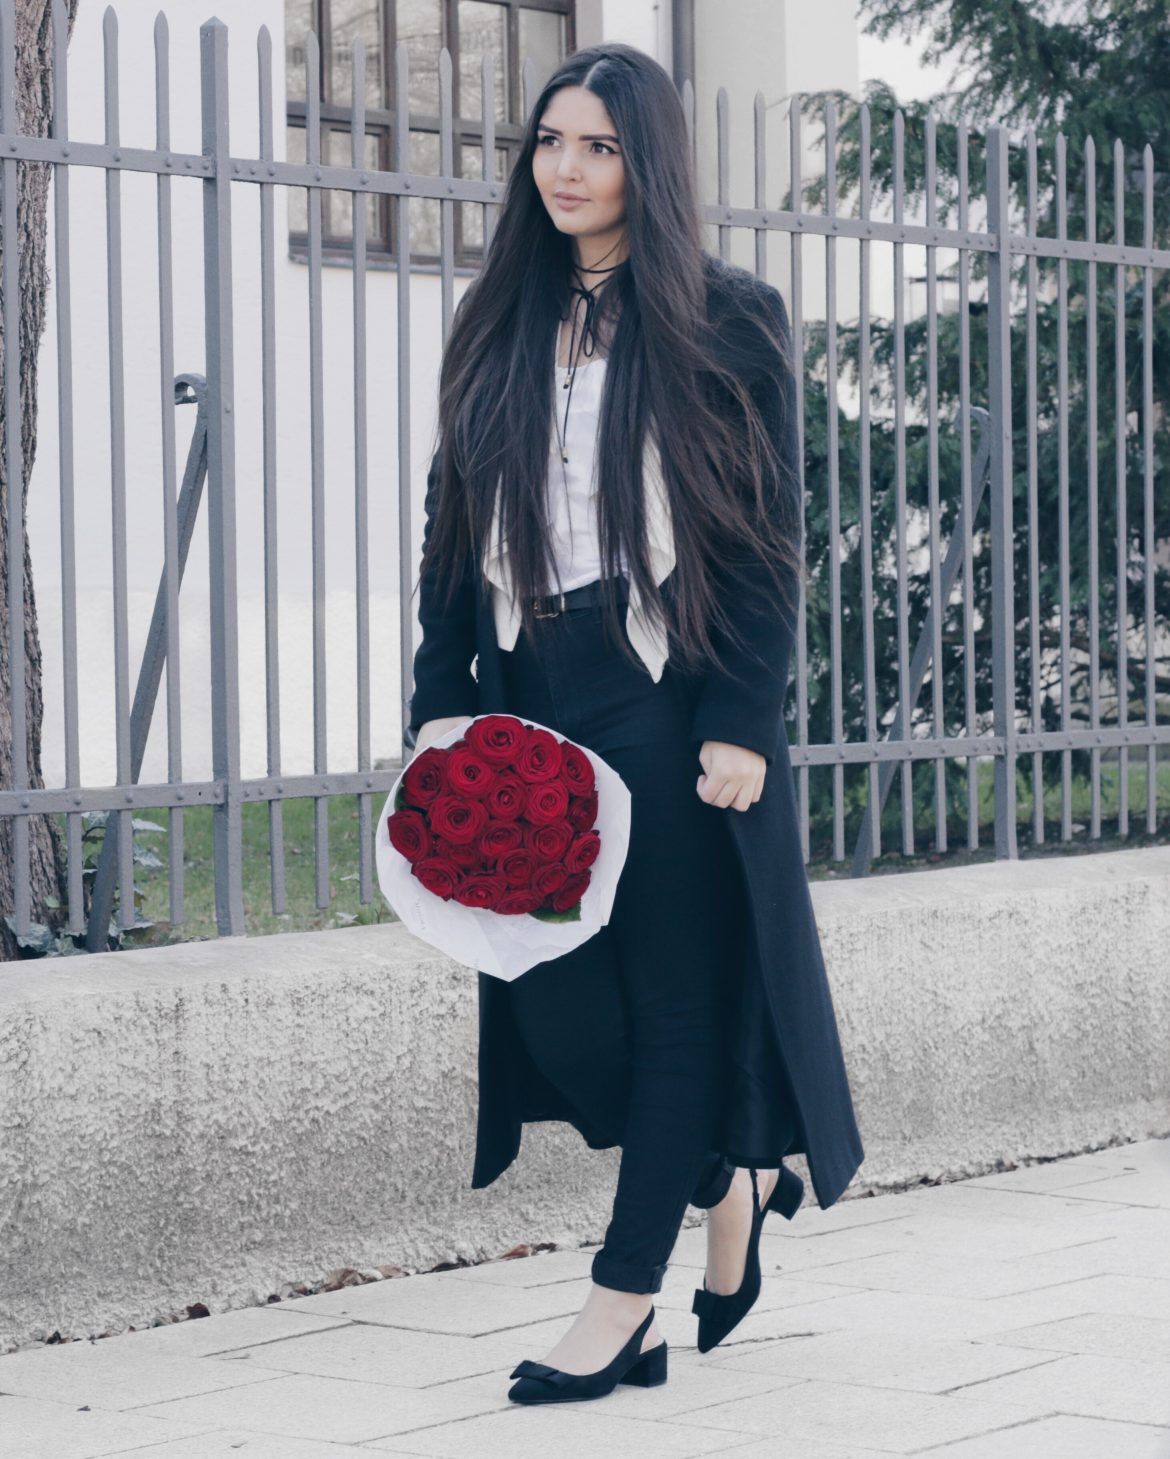 2 Dia das mães - Bouquet de rosas vermelhas - Kezia Happuck